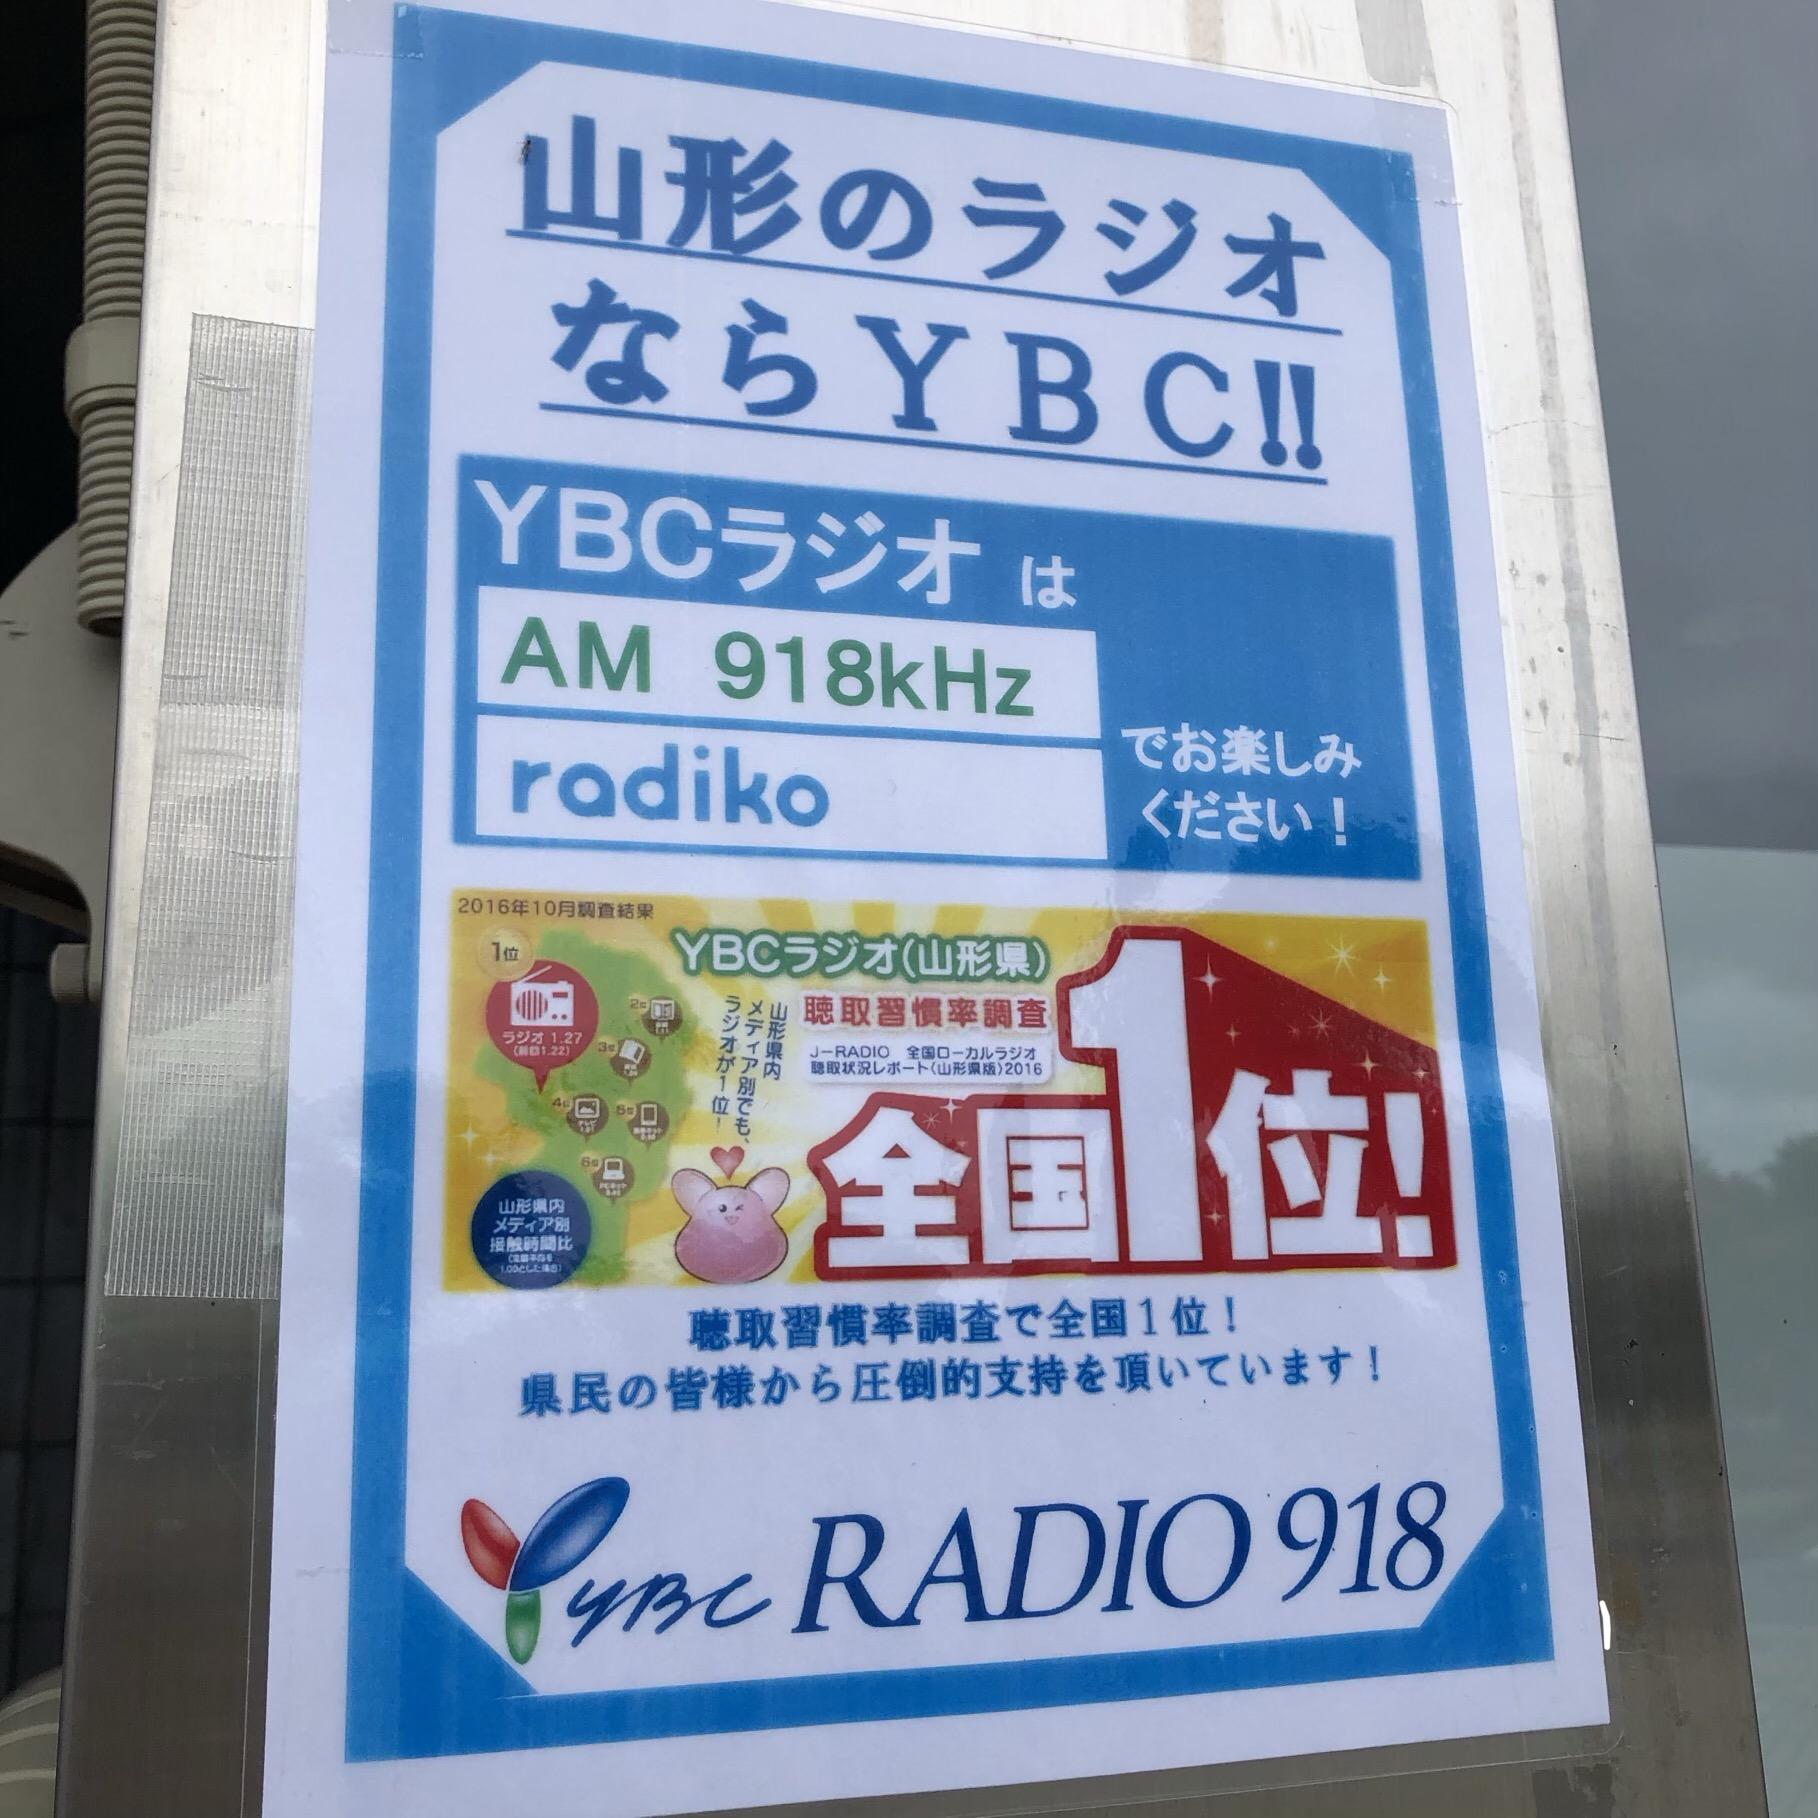 山形県にお越しの際はラジオはやっぱる:画像